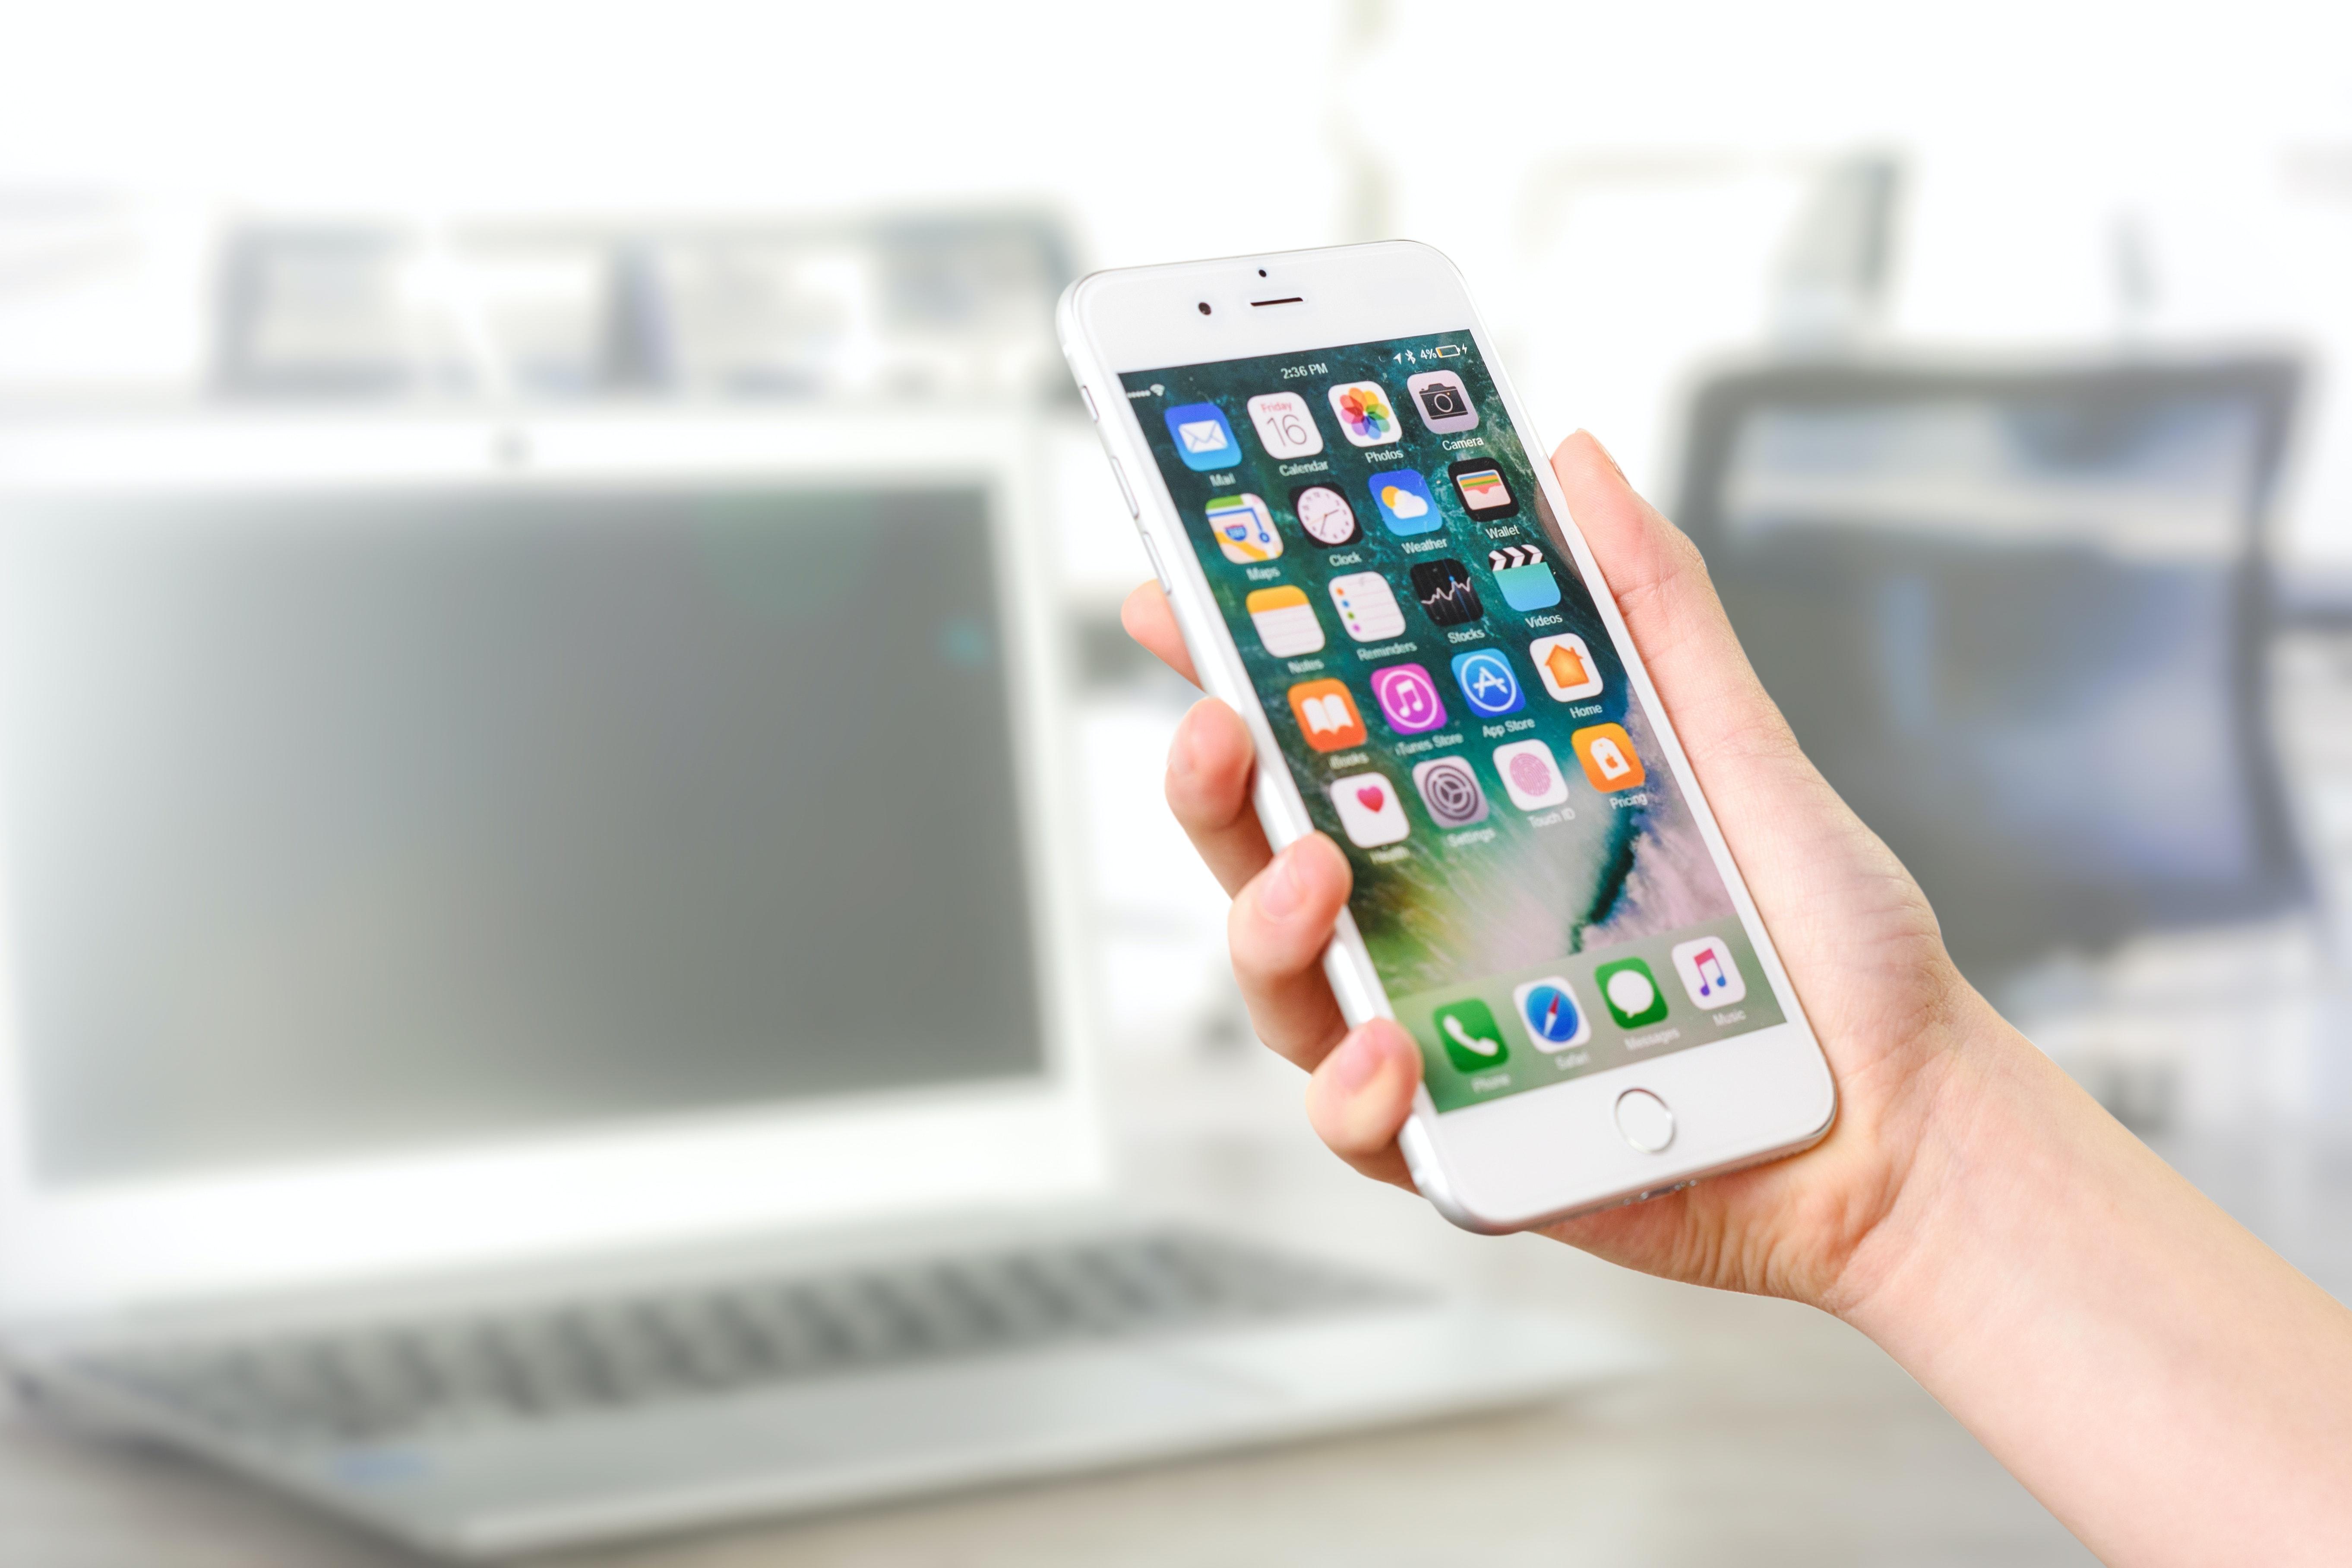 A járvány felgyorsította az 5G és a Wi-Fi 6 fejlesztéseket egy kutatás szerint